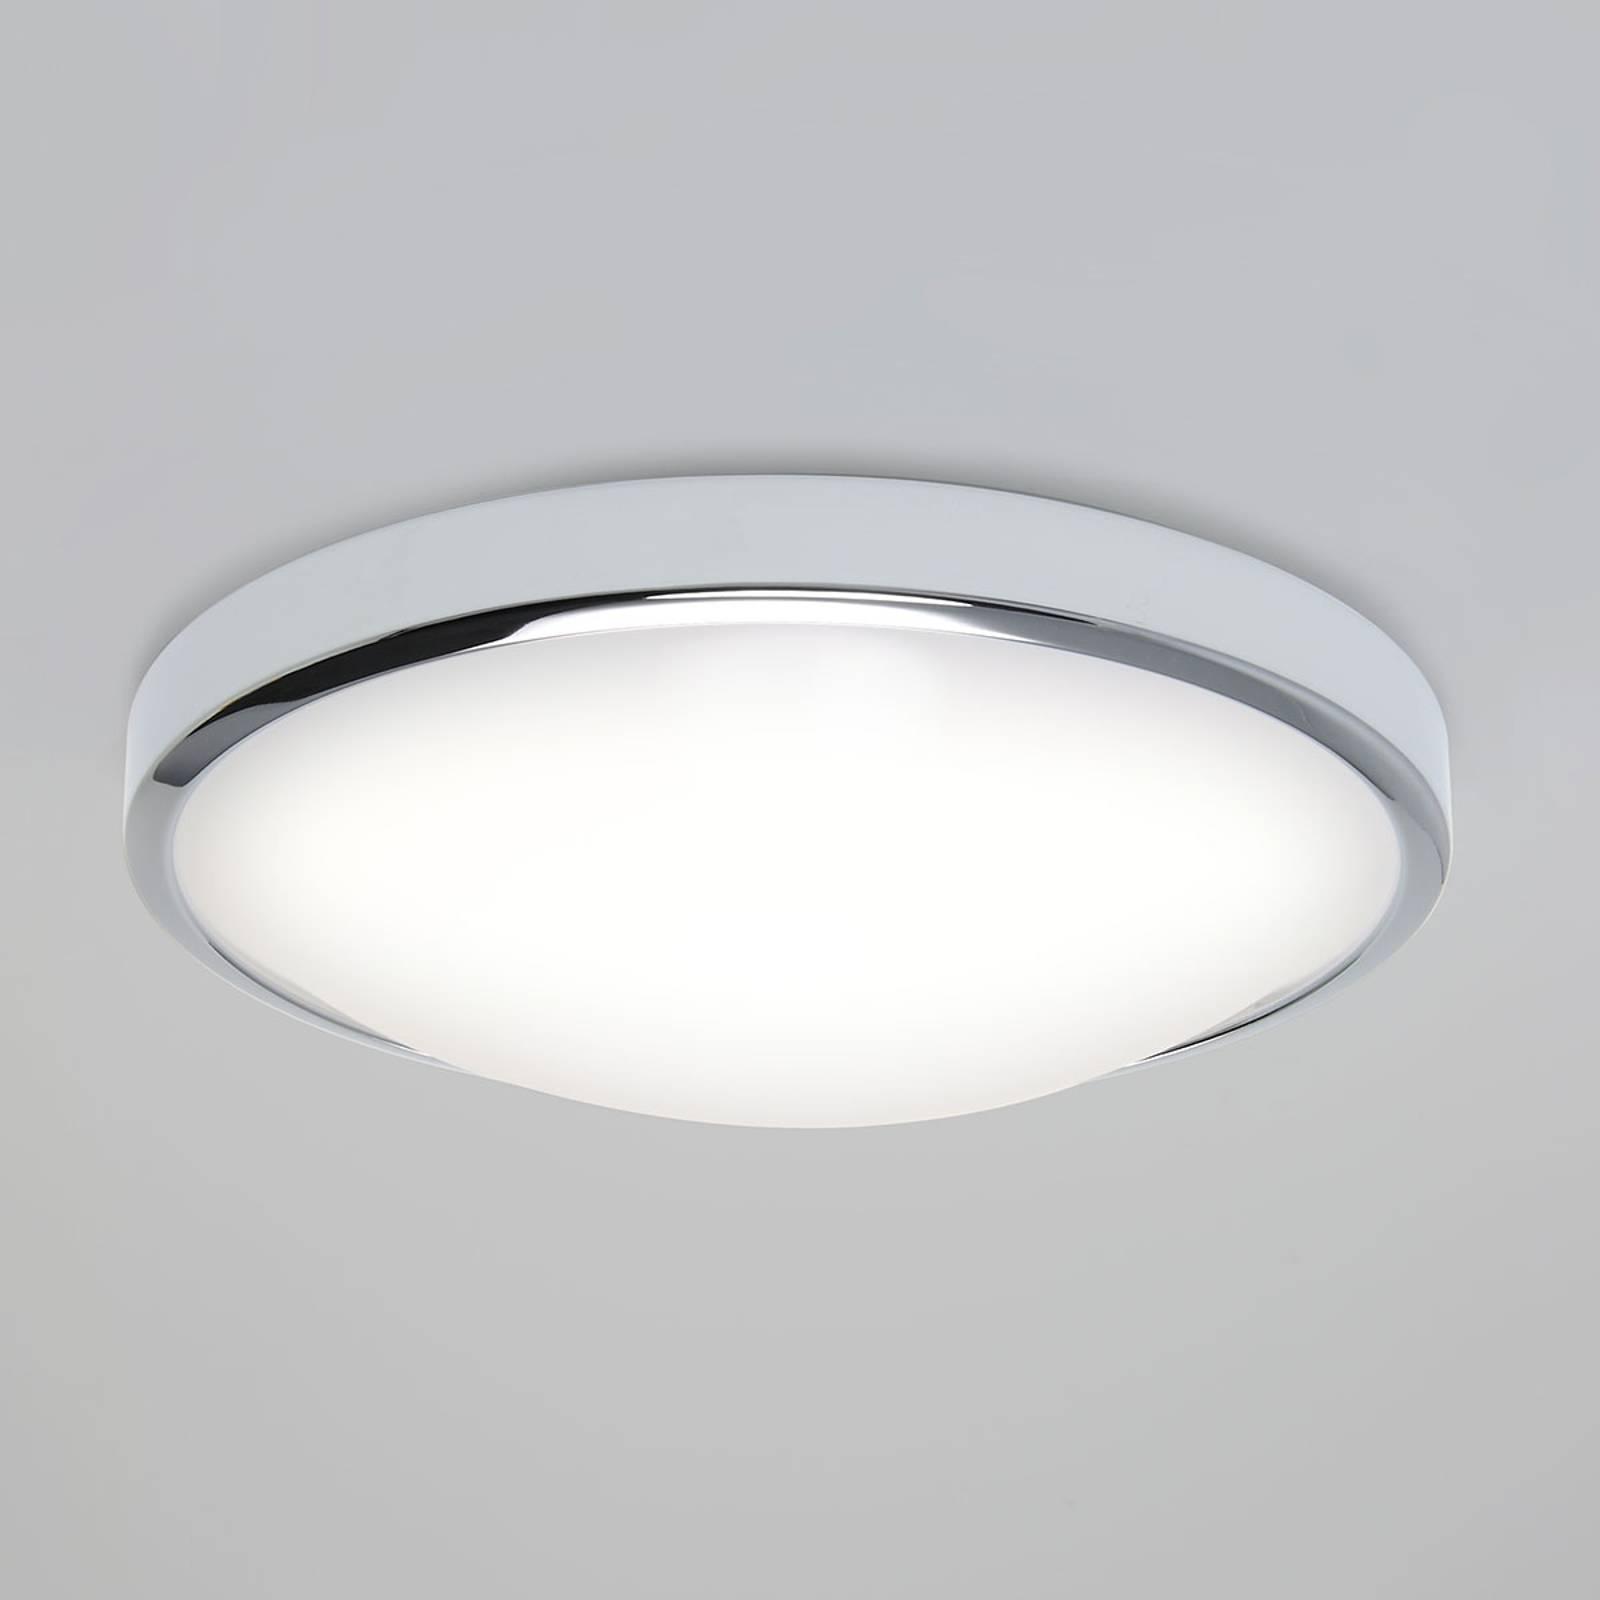 Osaka – pyöreä kylpyhuoneen kattovalaisin, LEDit